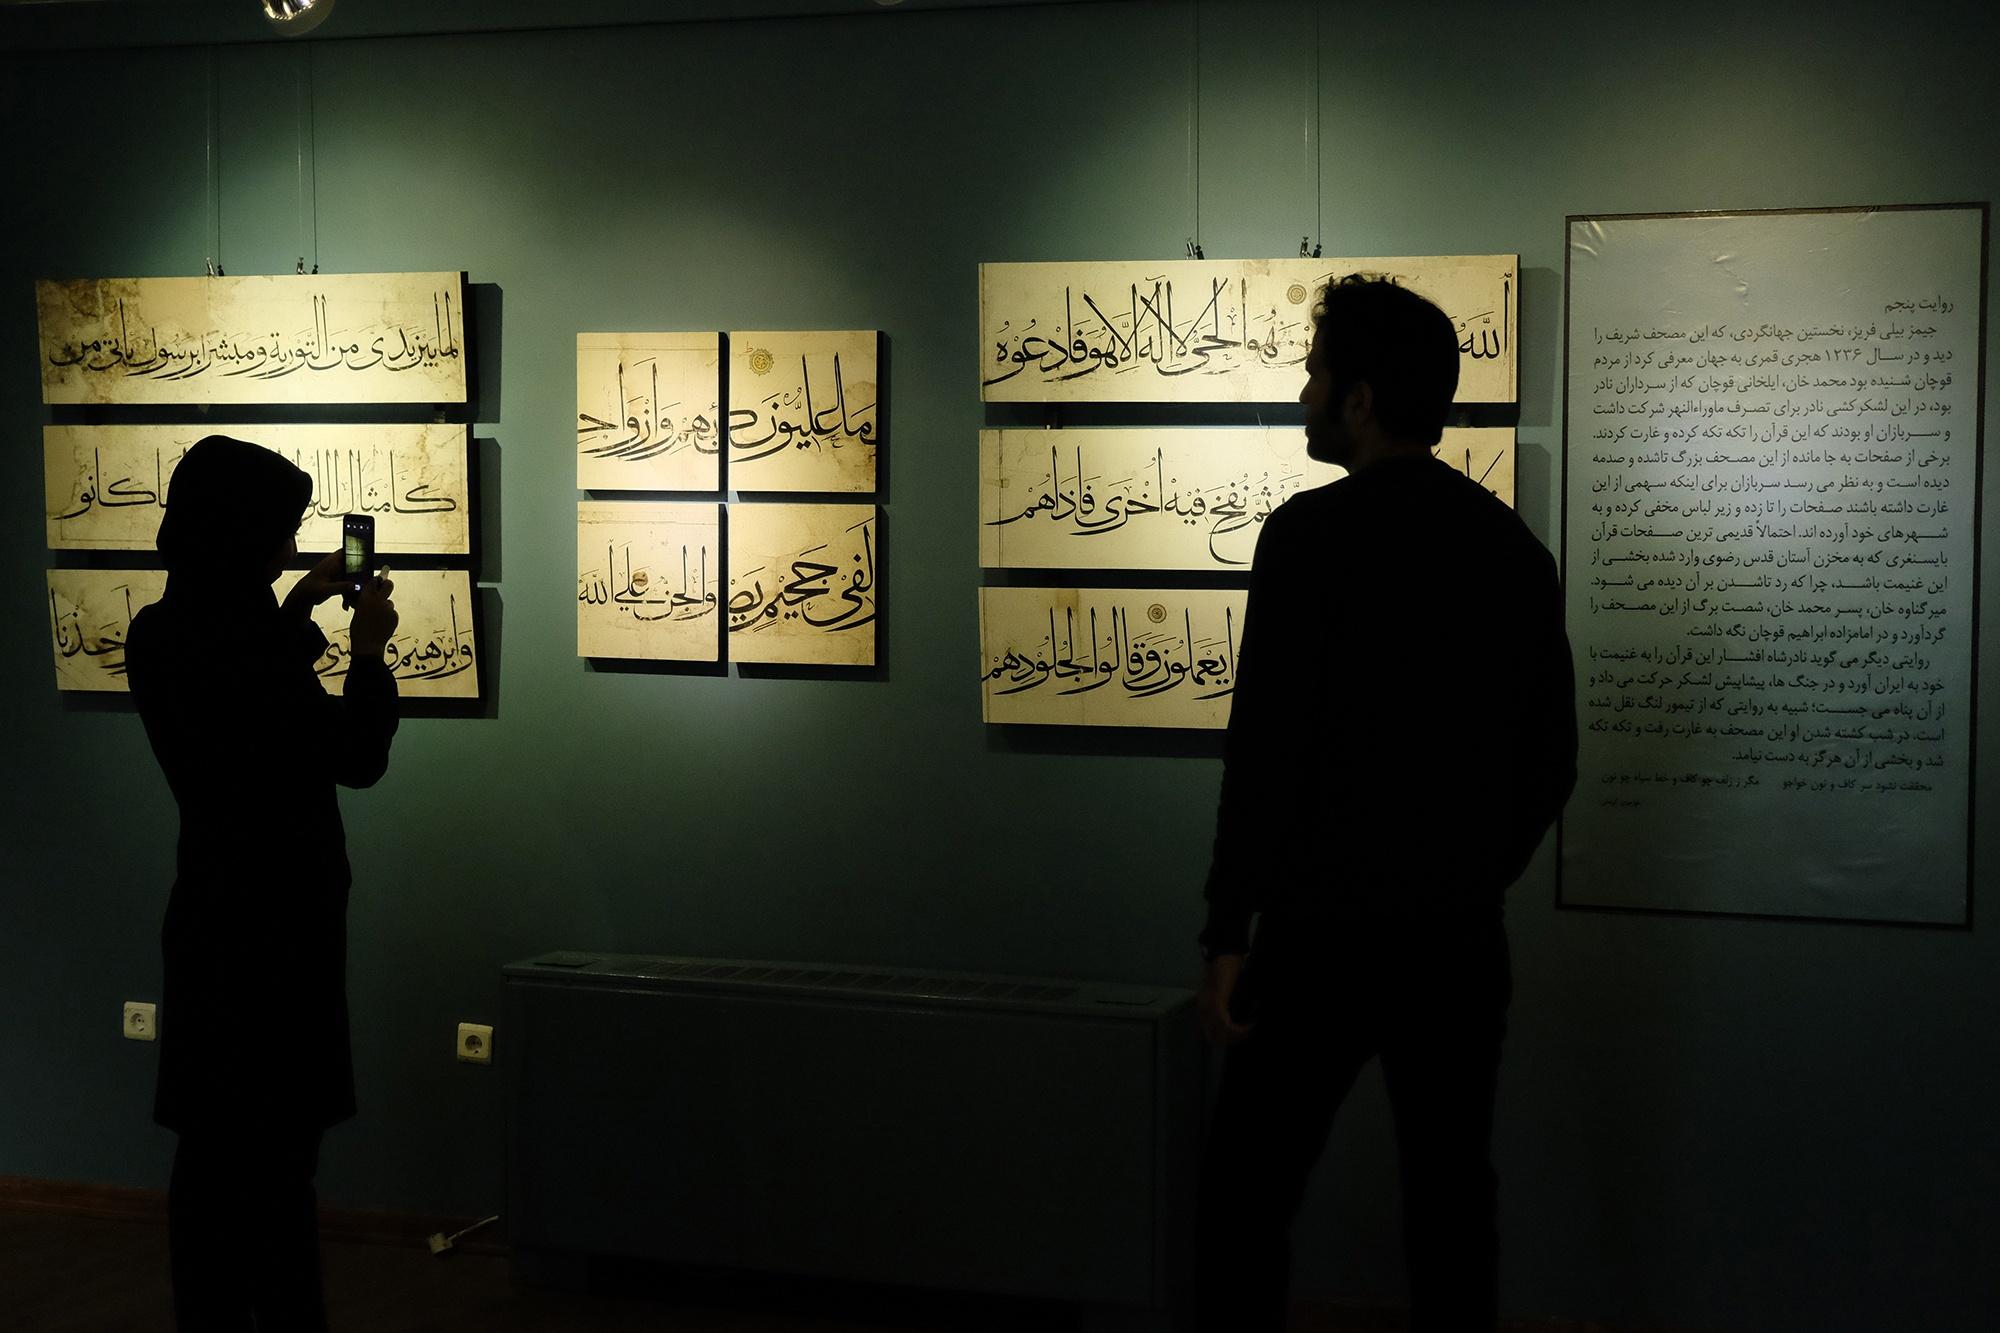 نمایشگاه قرآن بایسنغری1